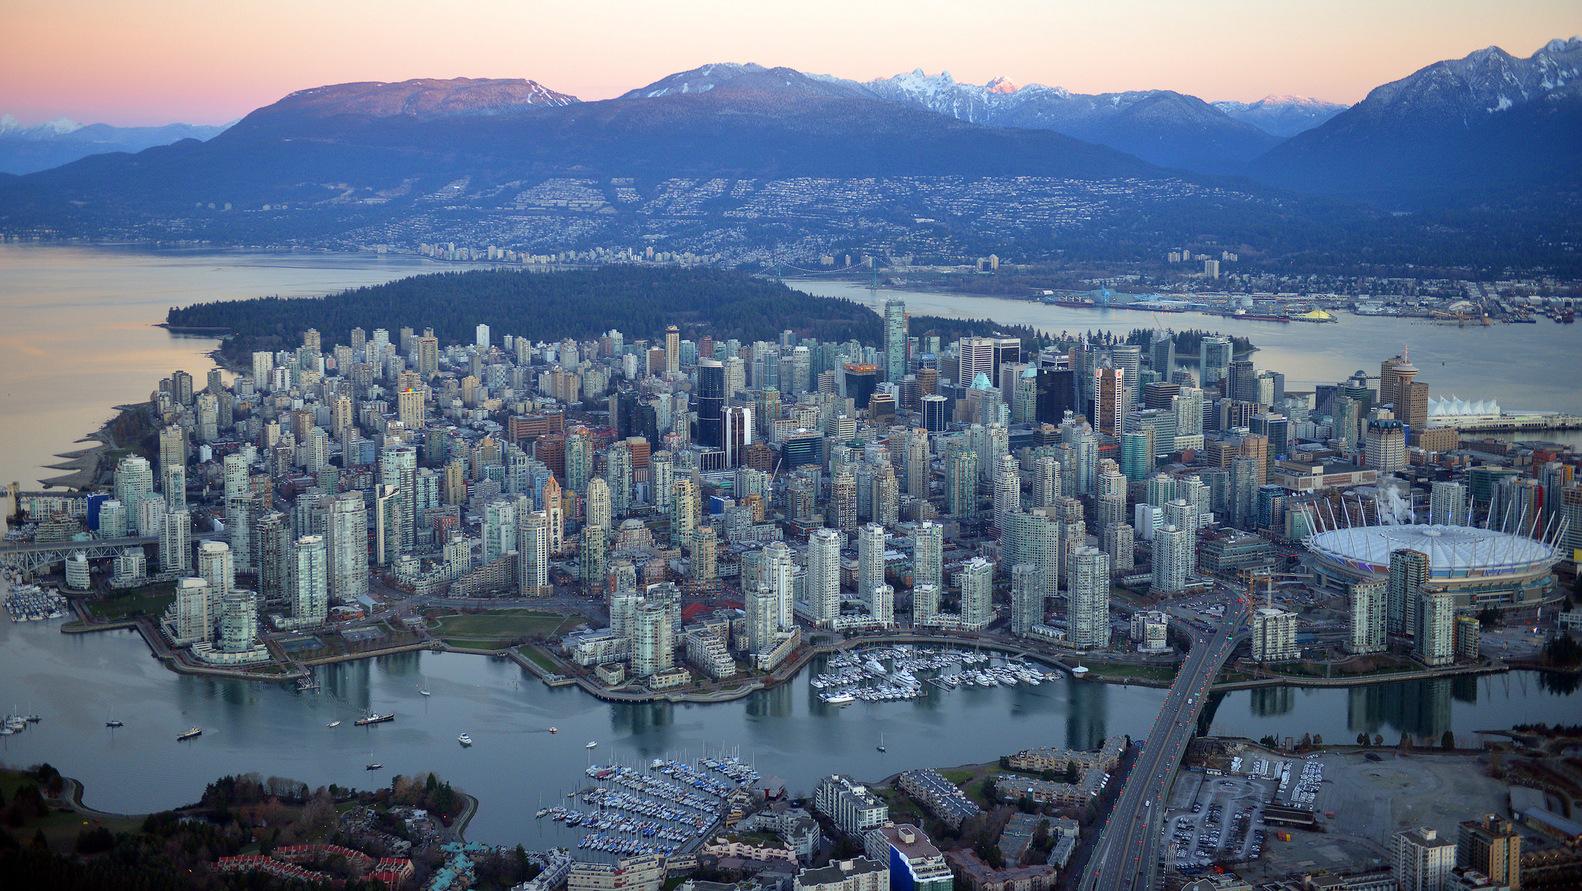 Vancouver/Canada